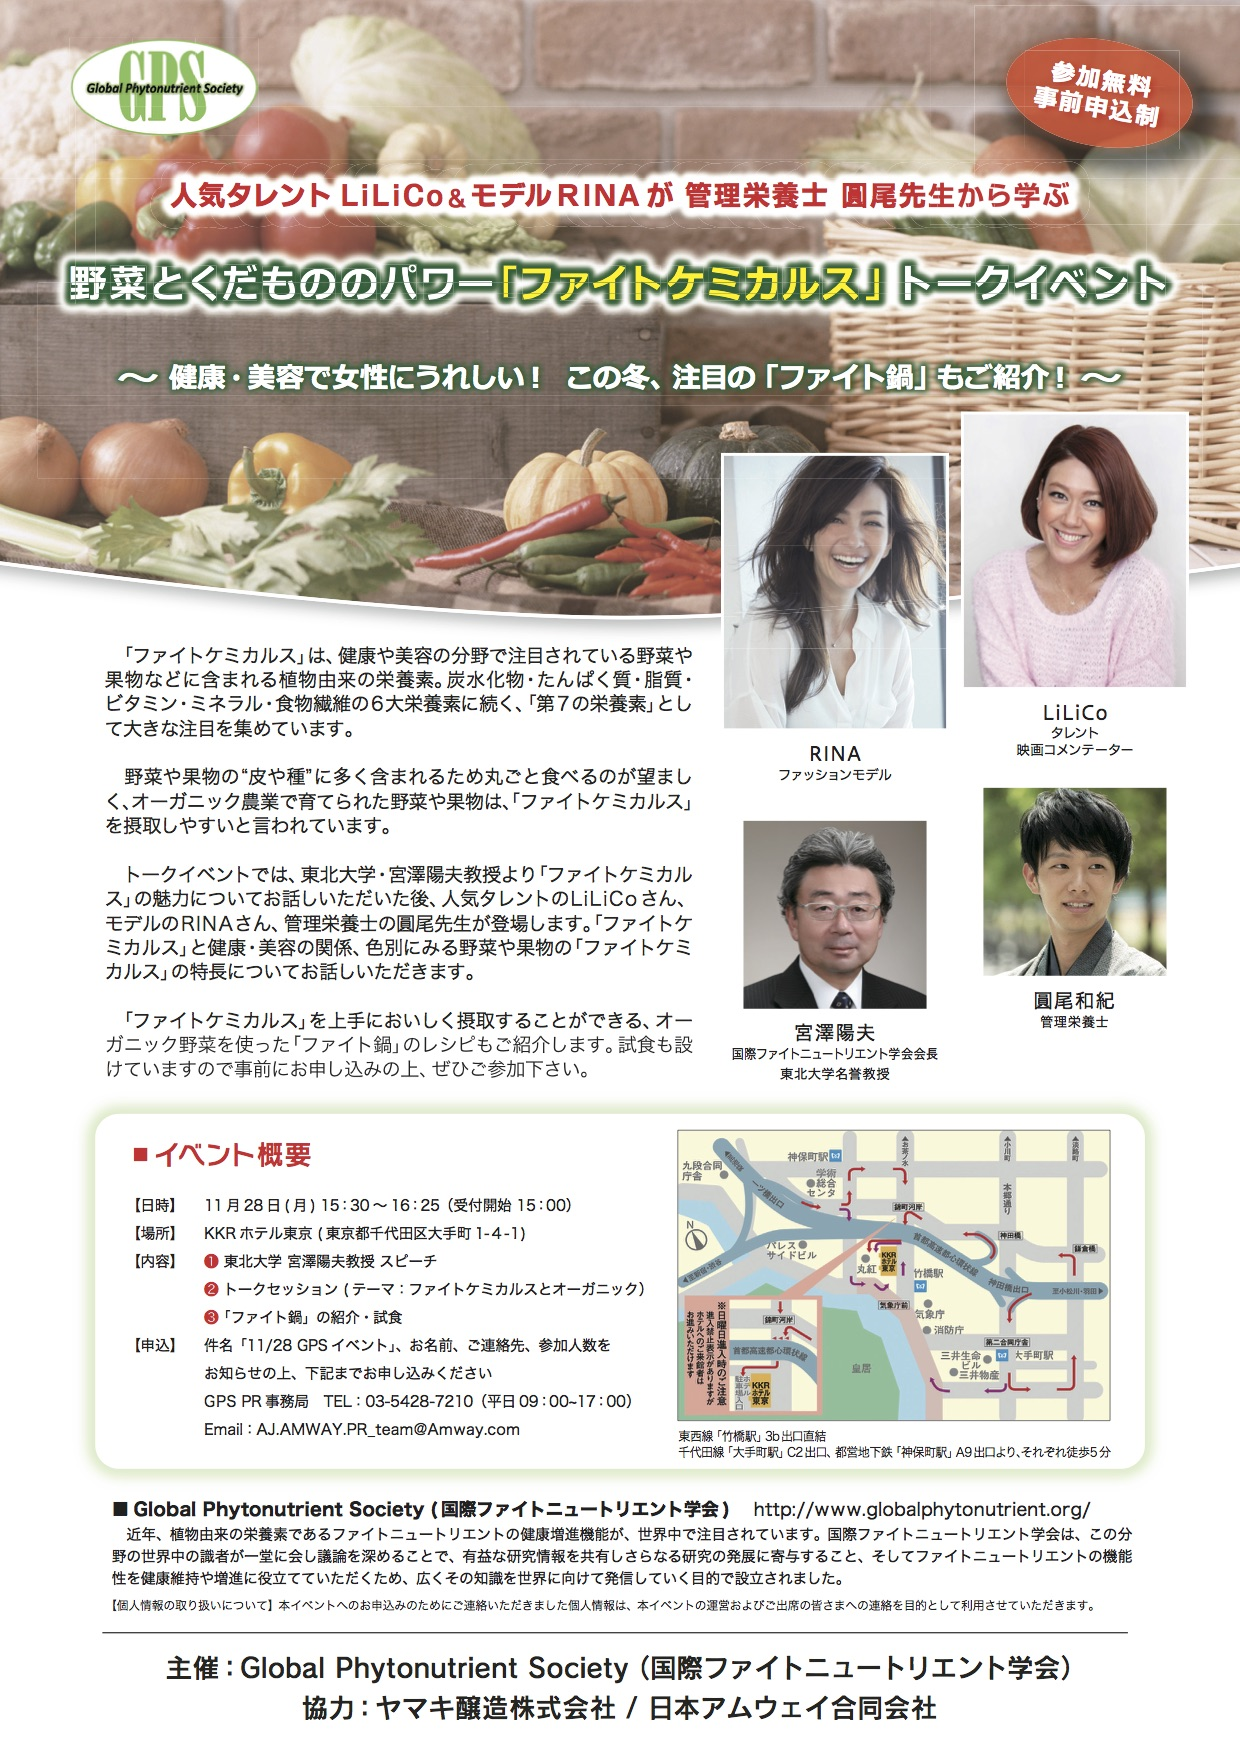 11/28「ファイトケミカルス」イベントに出演します!